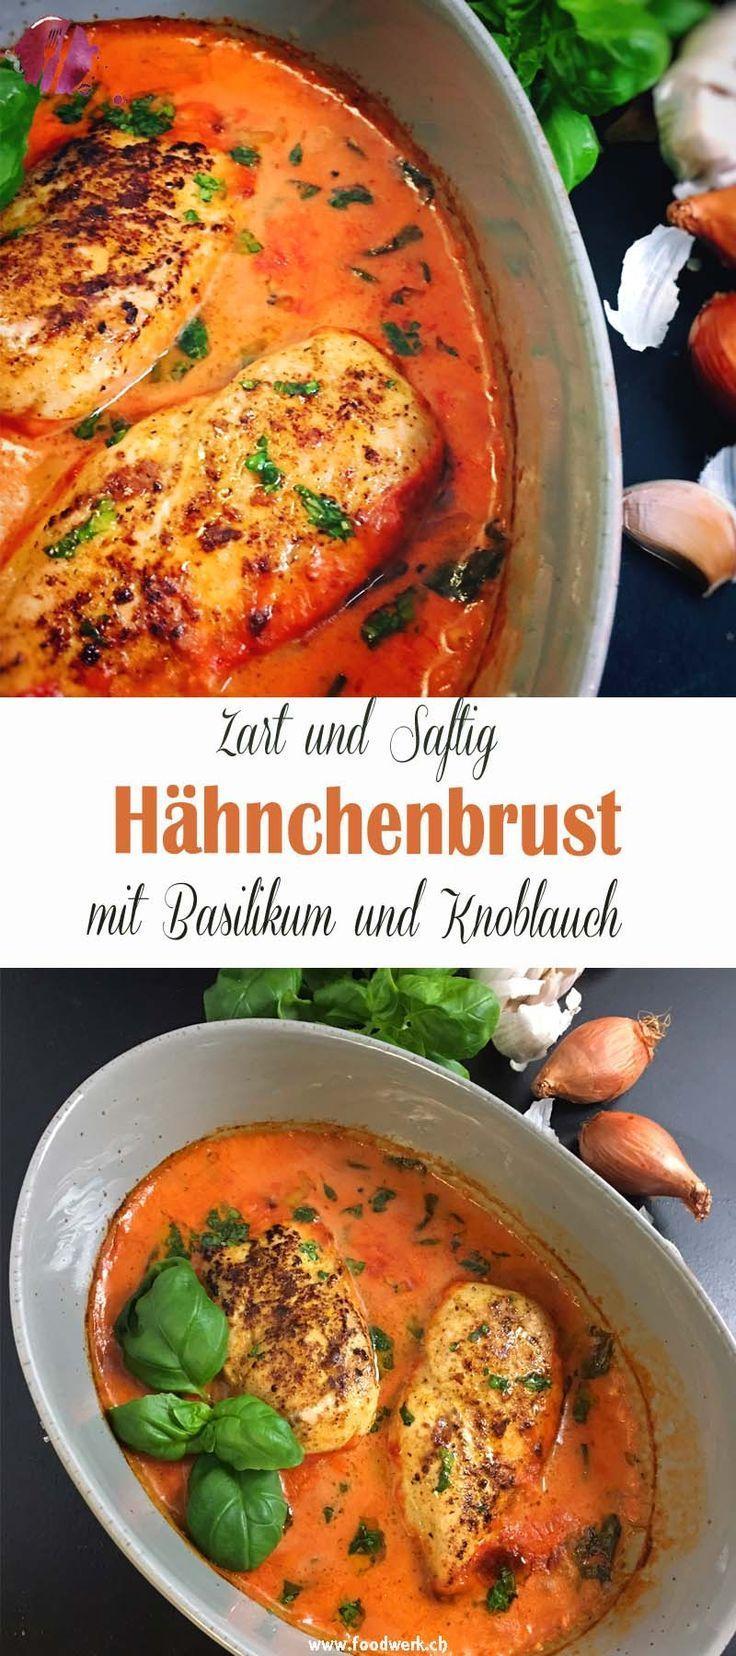 Poulet- / Hähnchenbrust mit Basilikum und Knoblauch | Food-Blog Schweiz | foodwerk.ch